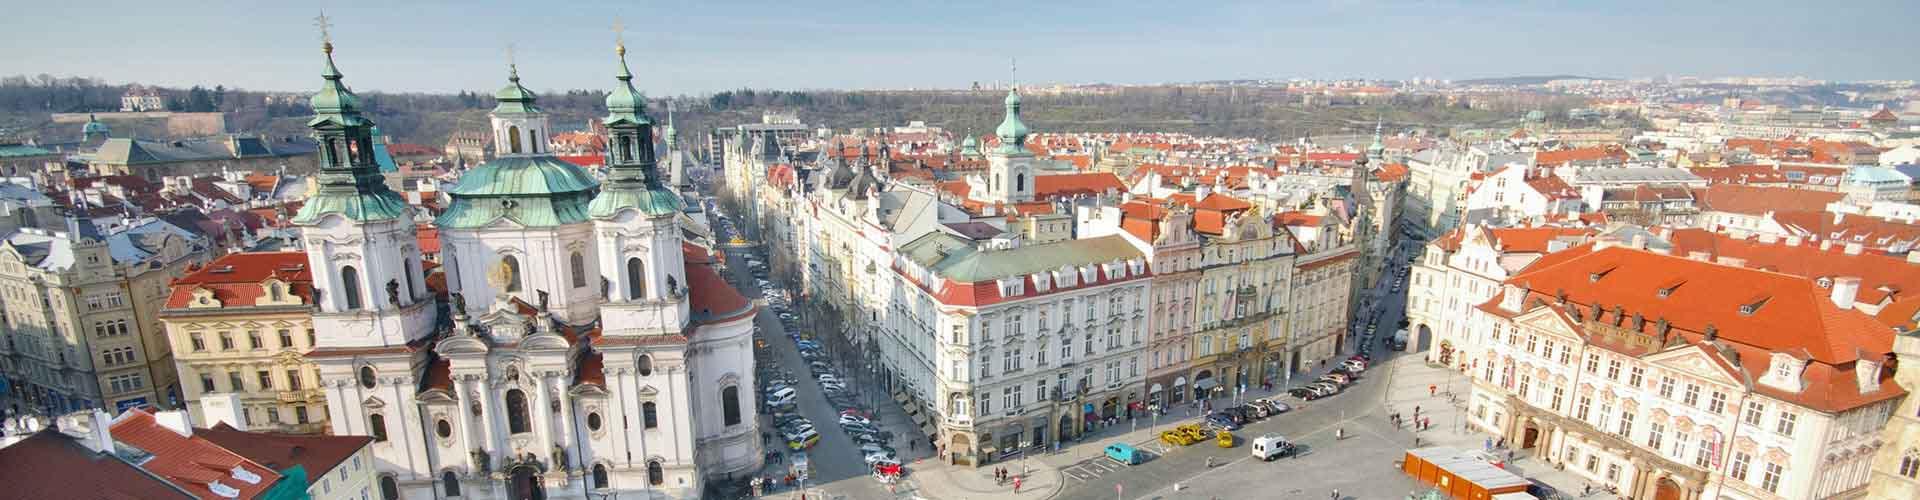 布拉格 – 老城广场附近的宾馆。布拉格地图,布拉格每间宾馆的照片和评价。